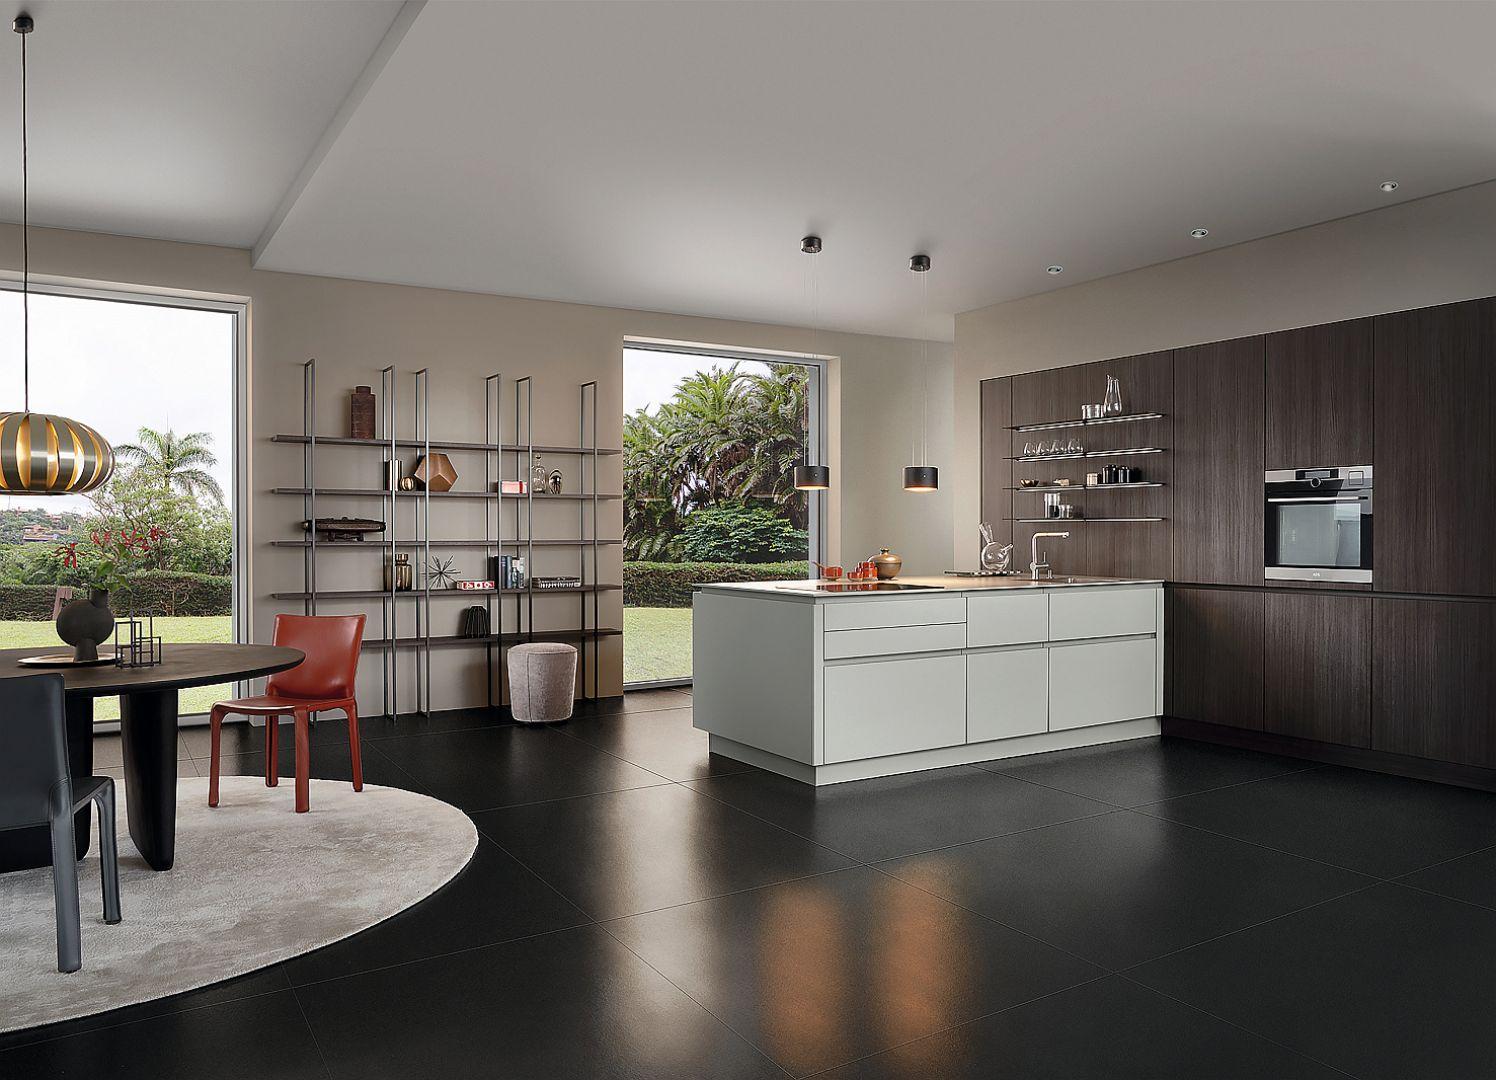 BONDI-C | ORLANDO-C - ekscytująca gra światła i ciemności tworzy trwałą i uniwersalną architekturę kuchni, a także przejrzystą kompozycję przestrzenną wysokiej zabudowy, wyspy i otwartych półek. Fot. Leicht